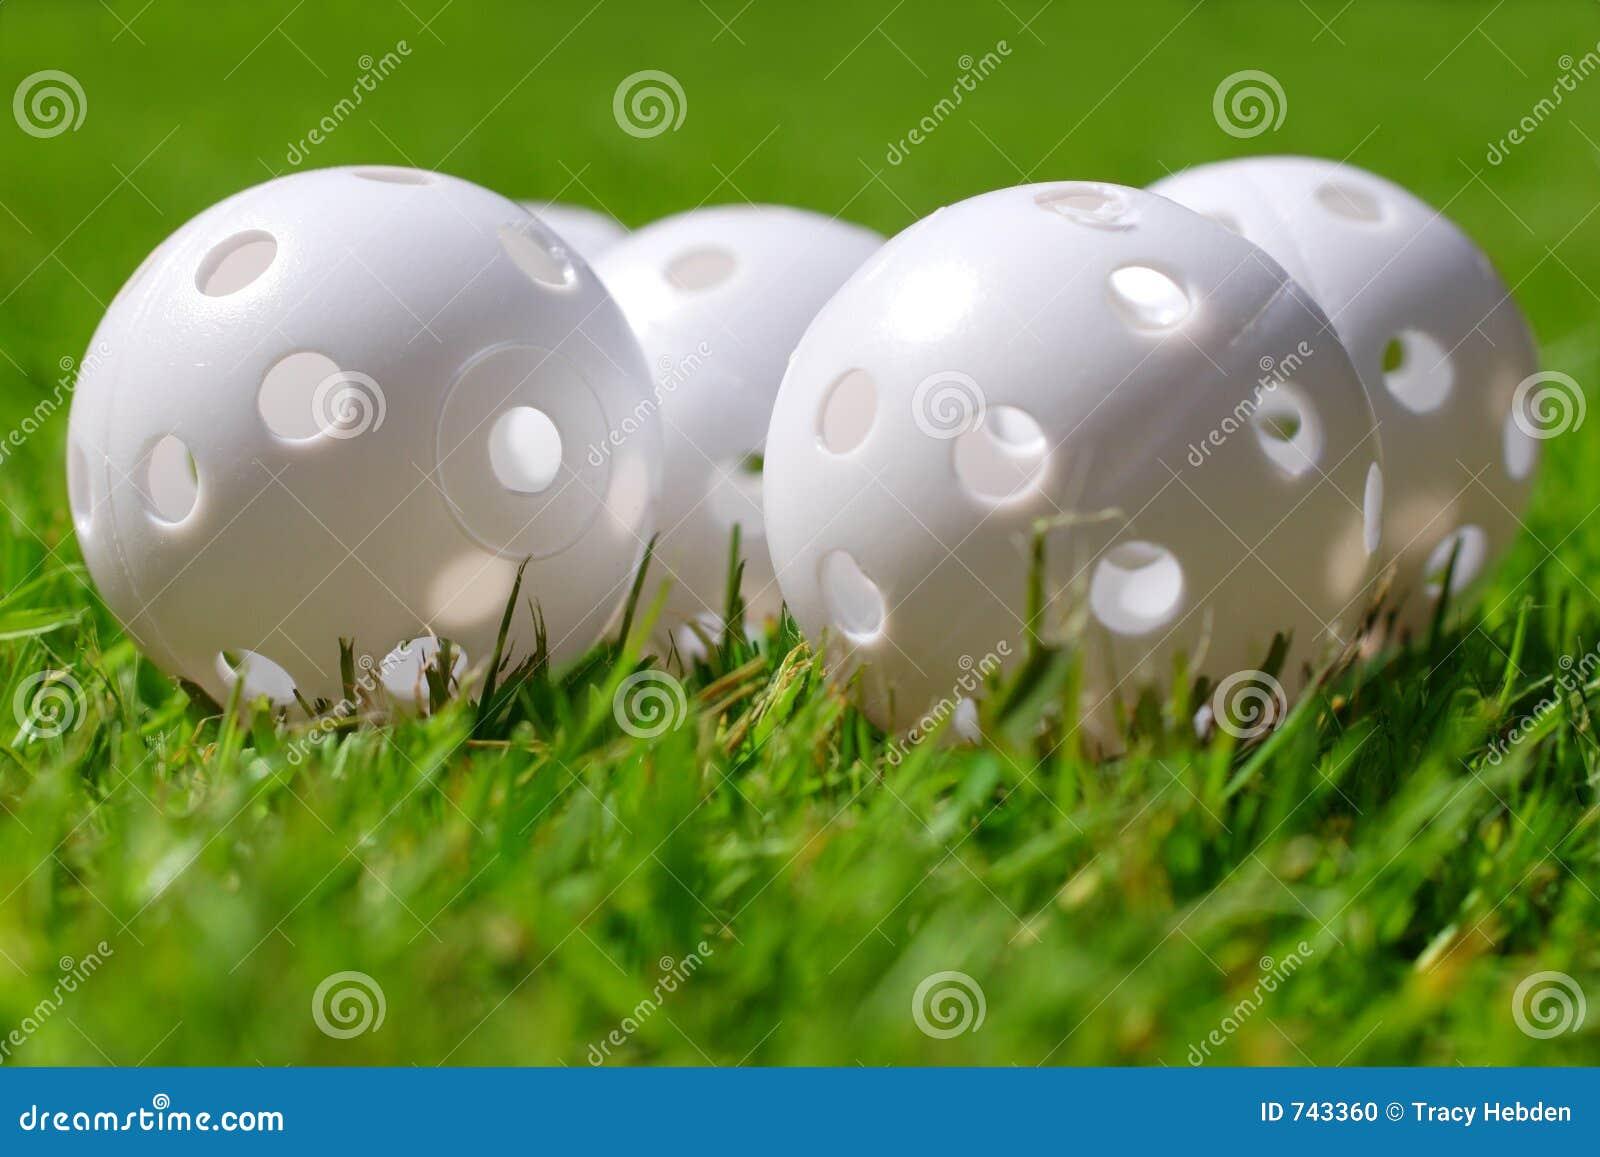 Pratiquez jouer au golf des billes